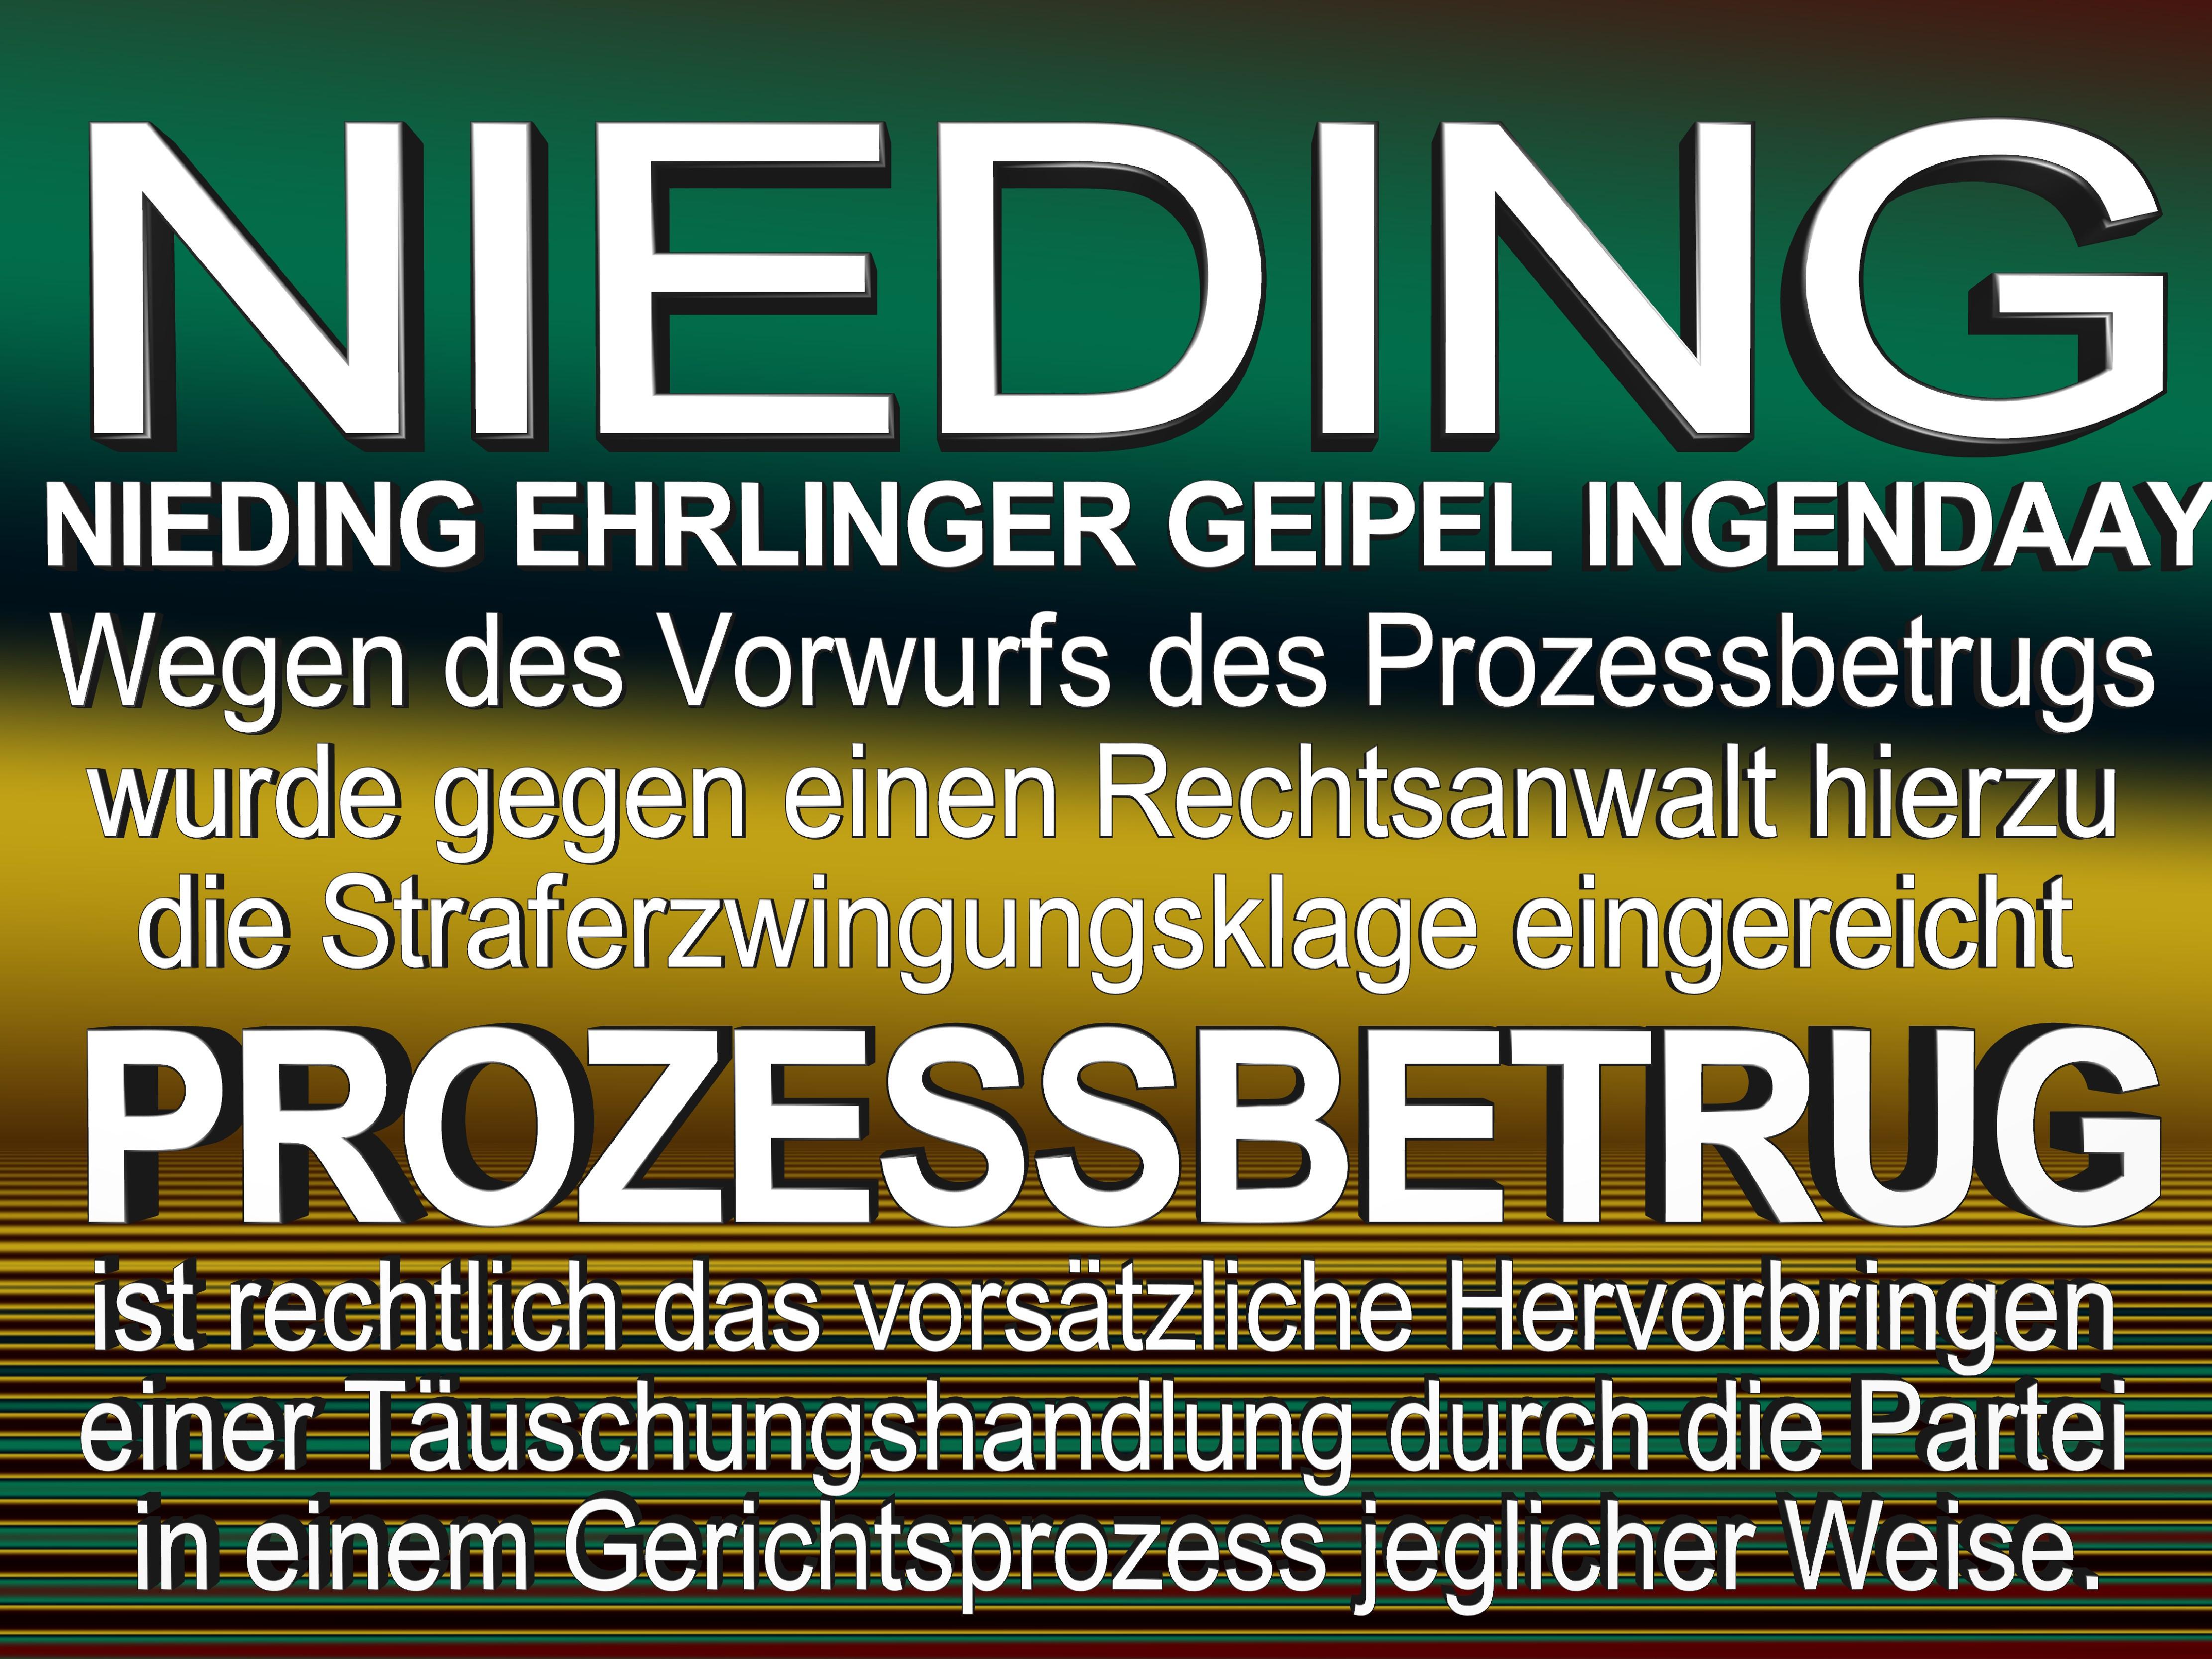 NIEDING EHRLINGER GEIPEL INGENDAAY LELKE Kurfürstendamm 66 Berlin (48)